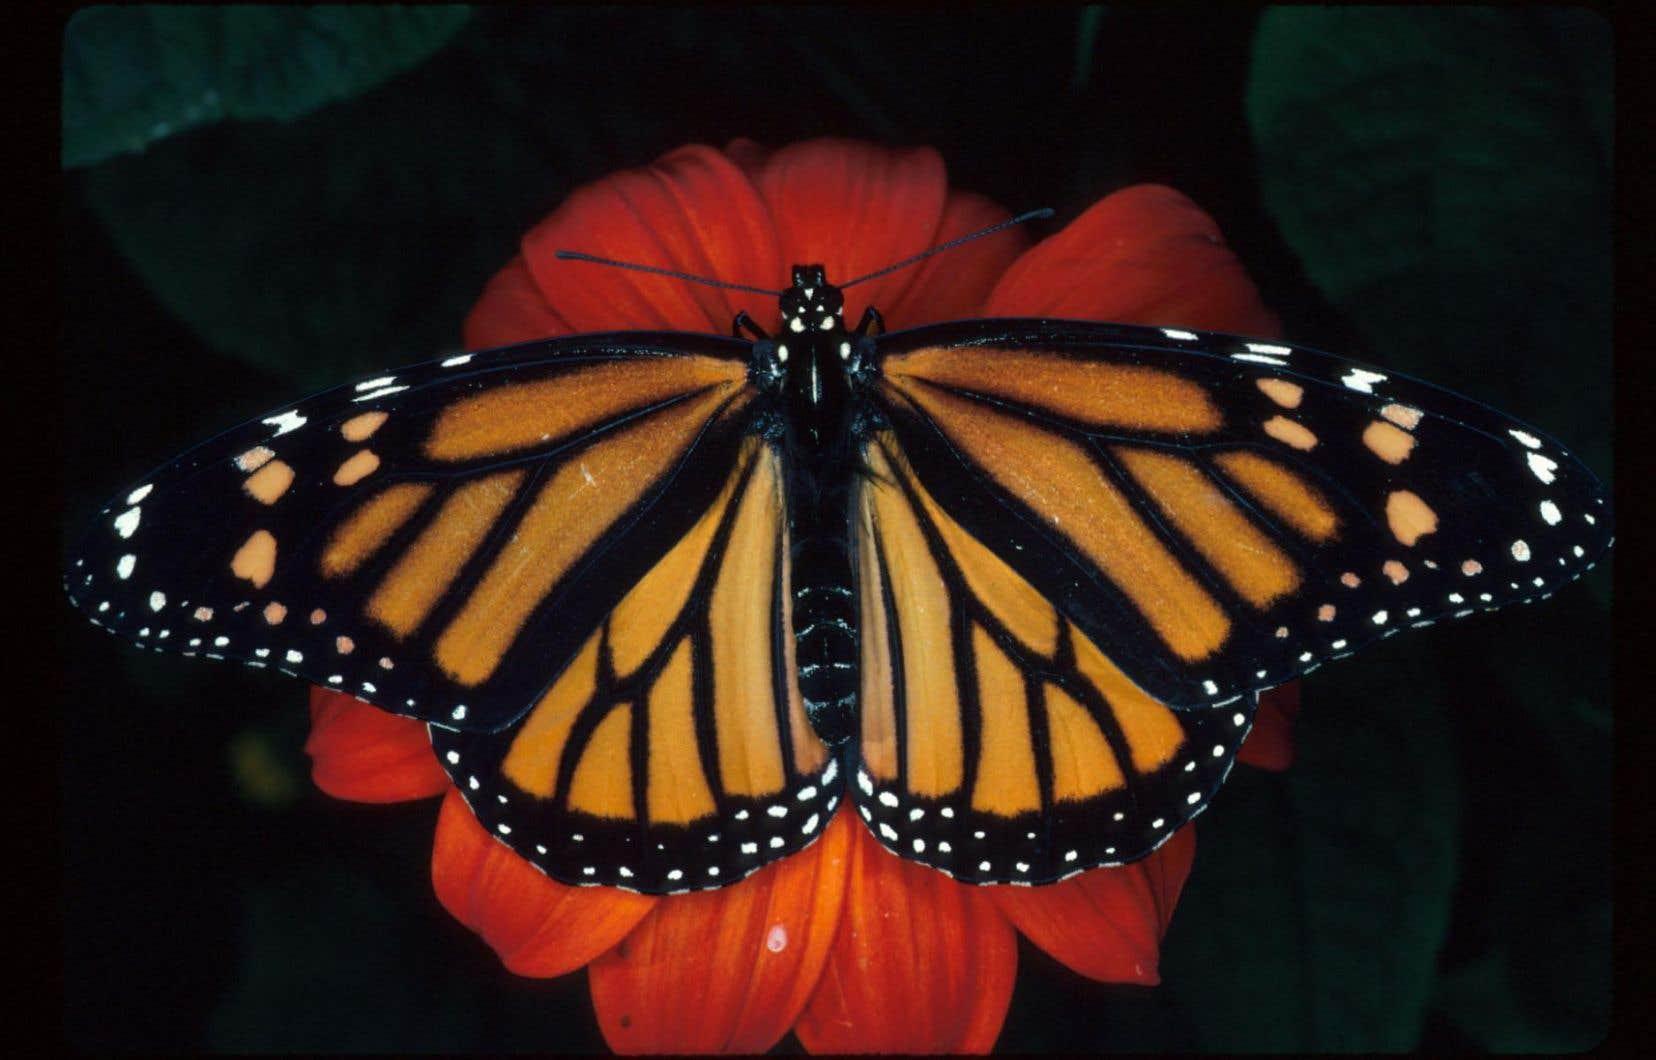 La population de ce papillon emblématique, autrefois abondant en Amérique du Nord, s'est effondrée de 90% au cours des 20 dernières années.